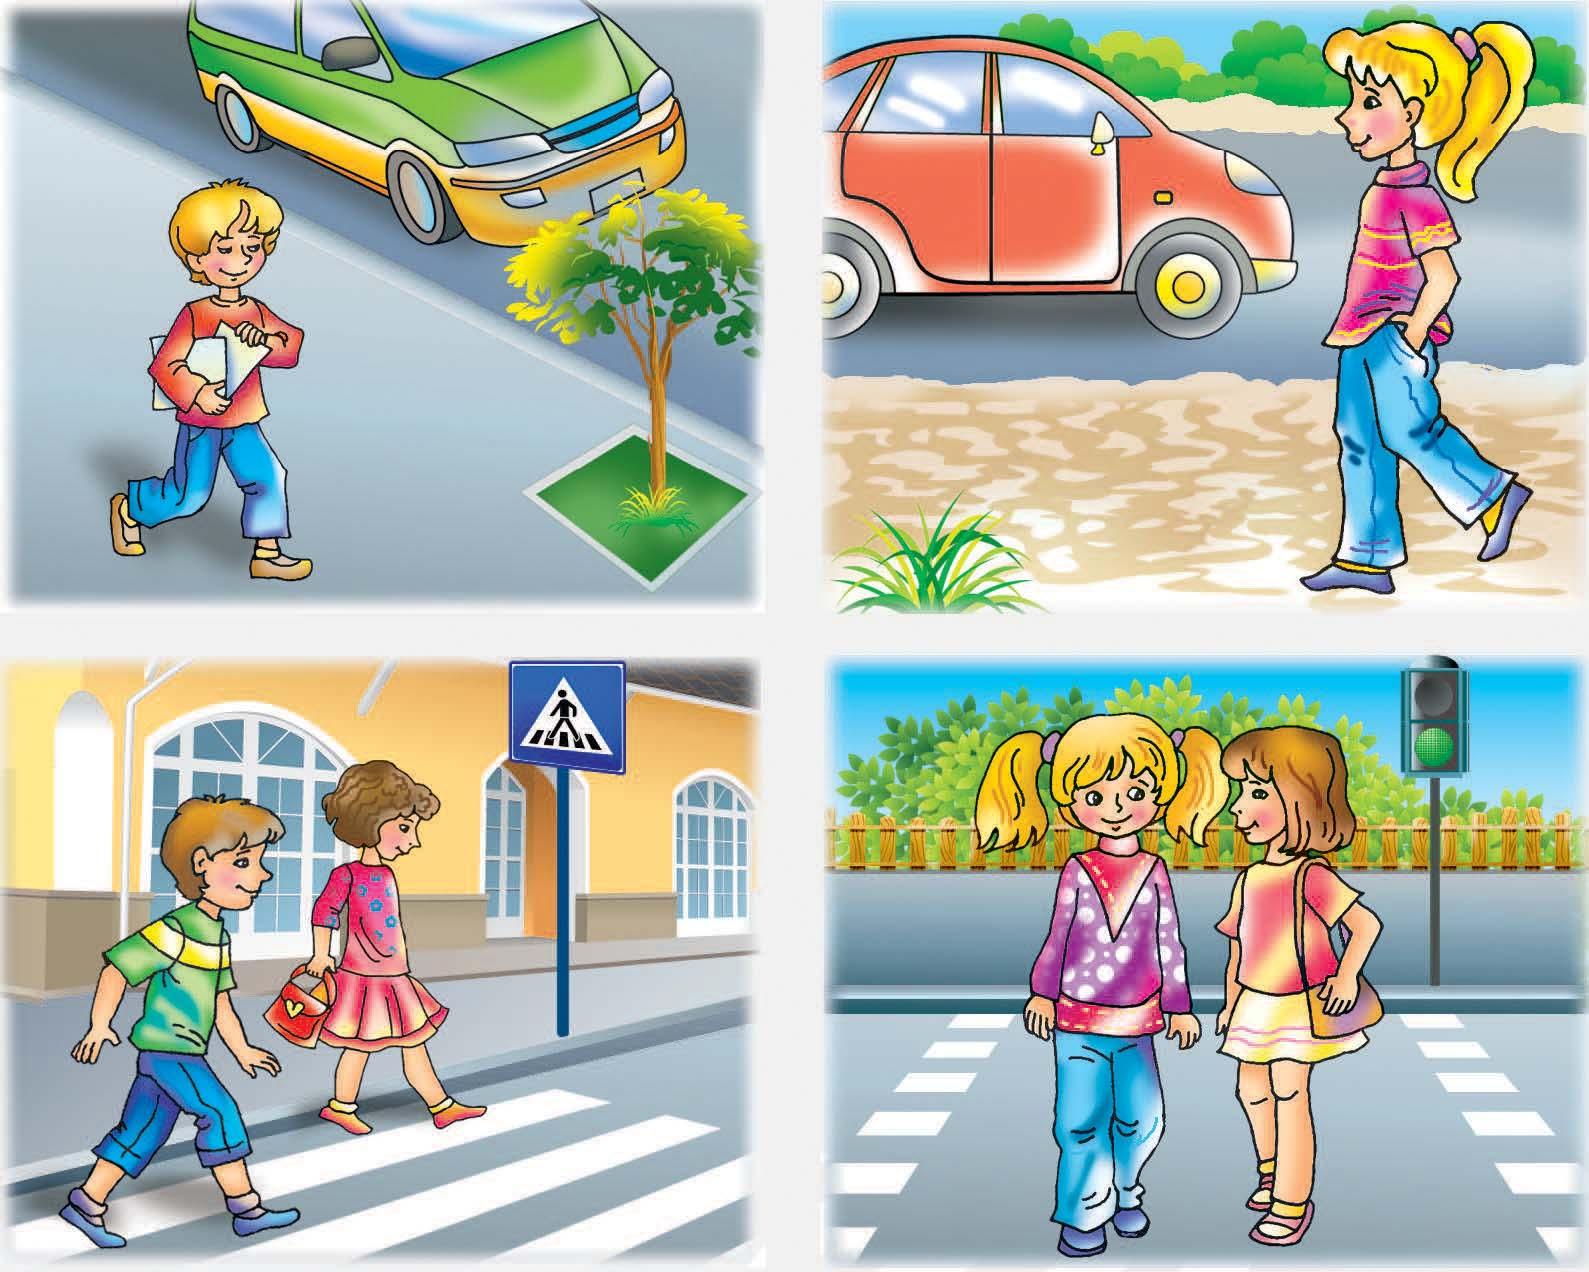 Основы дорожной безопасности ОБЖ Реферат доклад сообщение  6 Нельзя перебегать дорогу перед движущимися машинами играть на проезжей части отвлекаться на другие дела при переходе улицы Материал с сайта